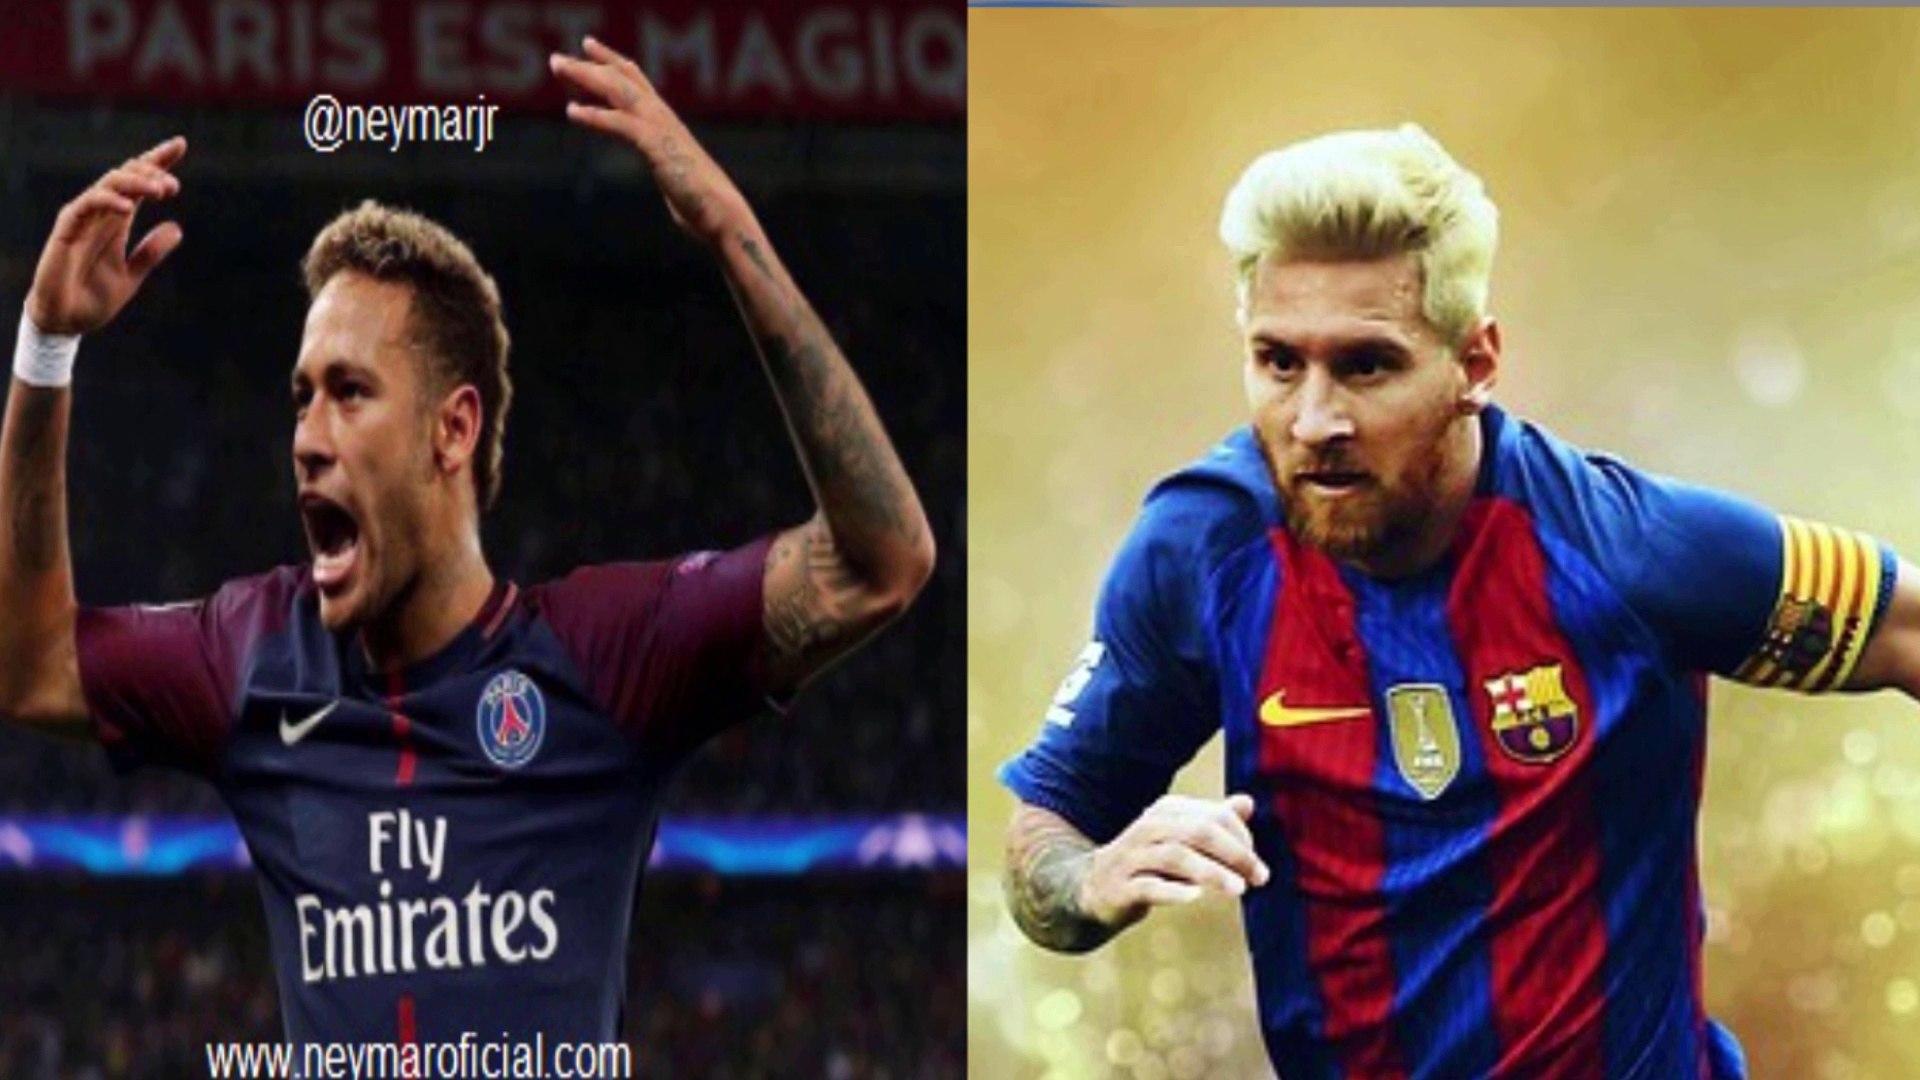 Neymar Jr. e Leonel Messi  são ameaçados e cartaz pelo Estado Islâmico.